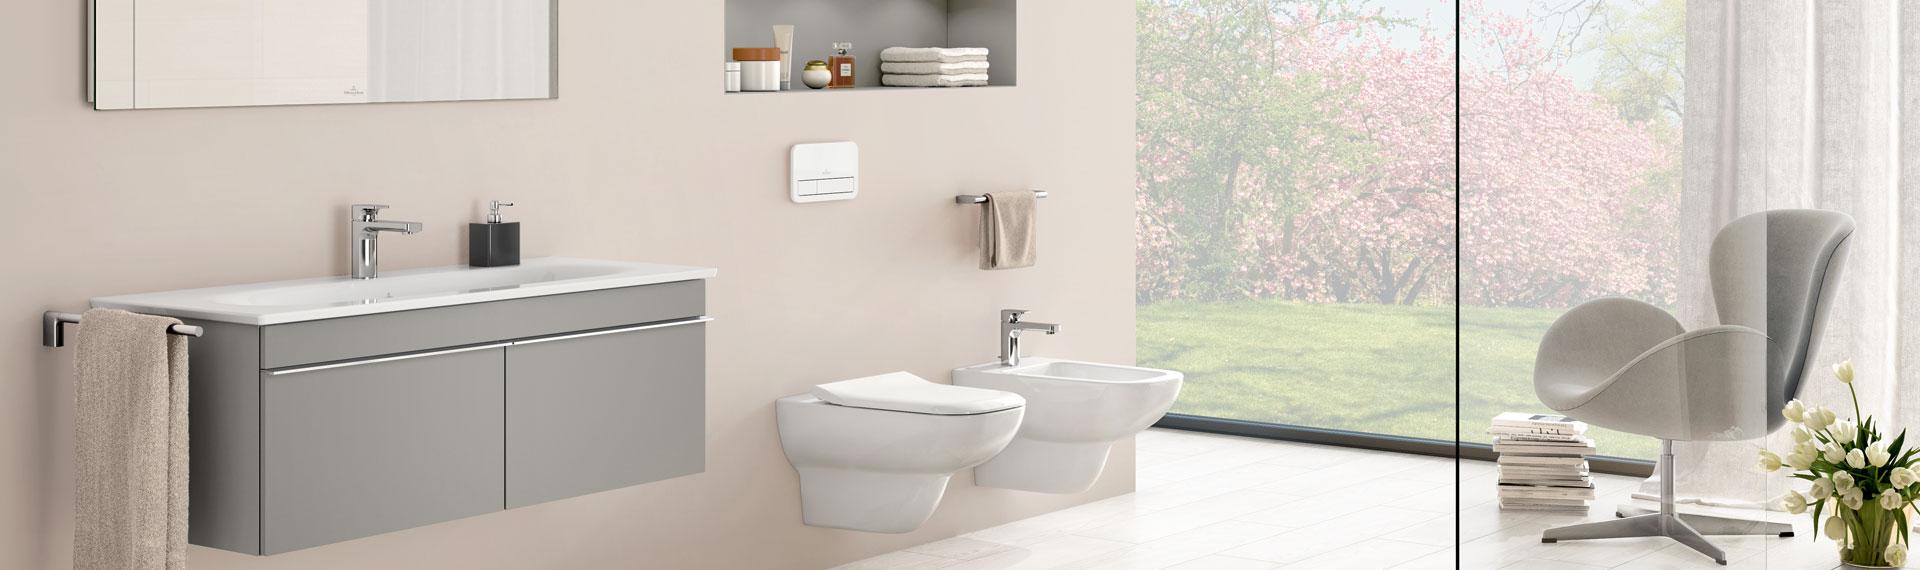 Badmöbel und Accessoires | Ohlberger Sanitär- und Heizungstechnik